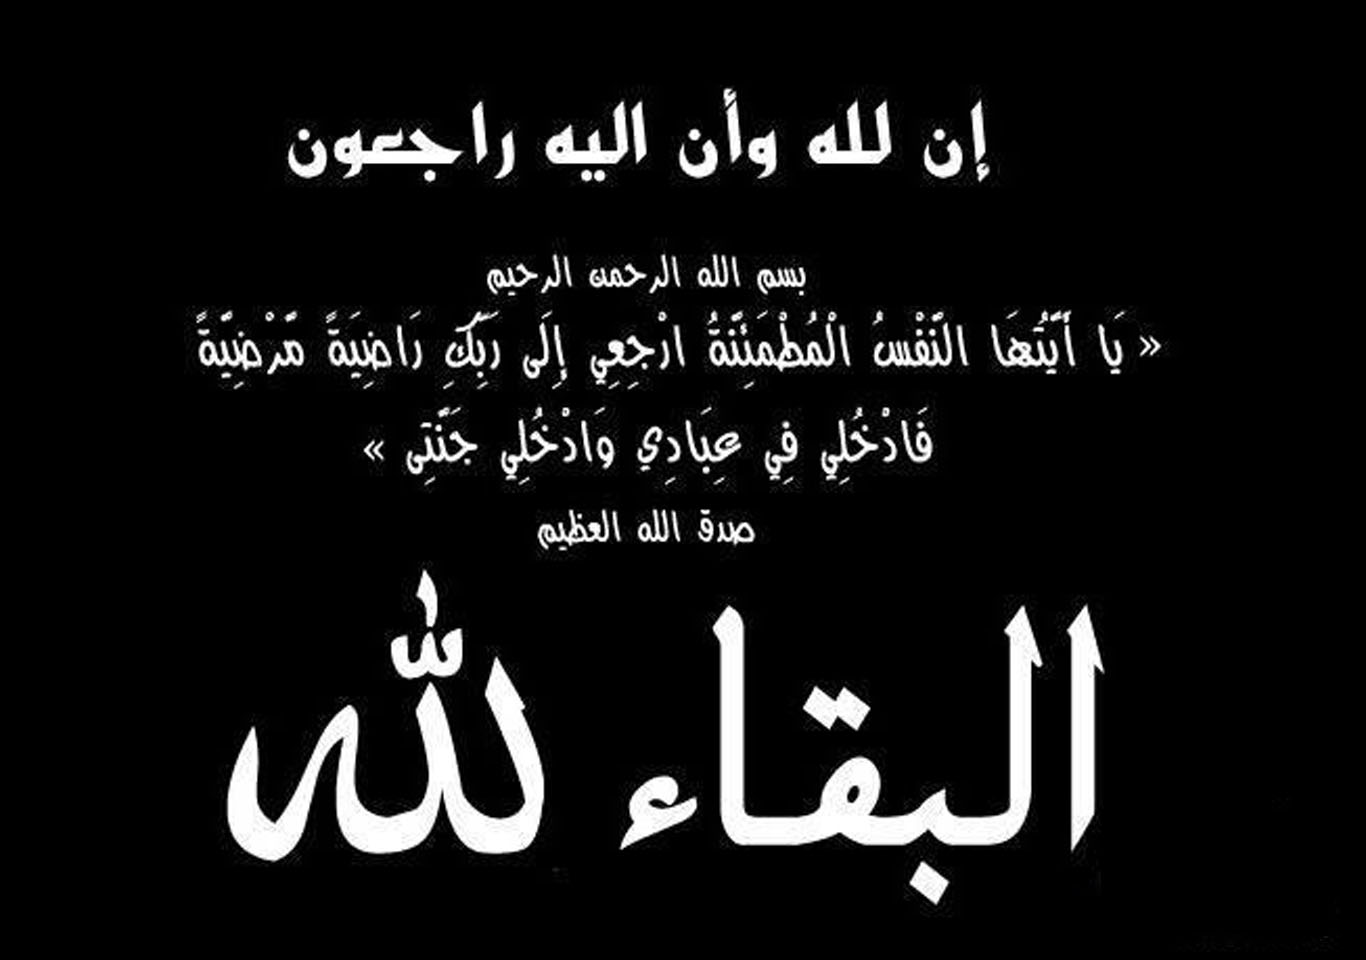 وفيات الاحد 10/9/2017